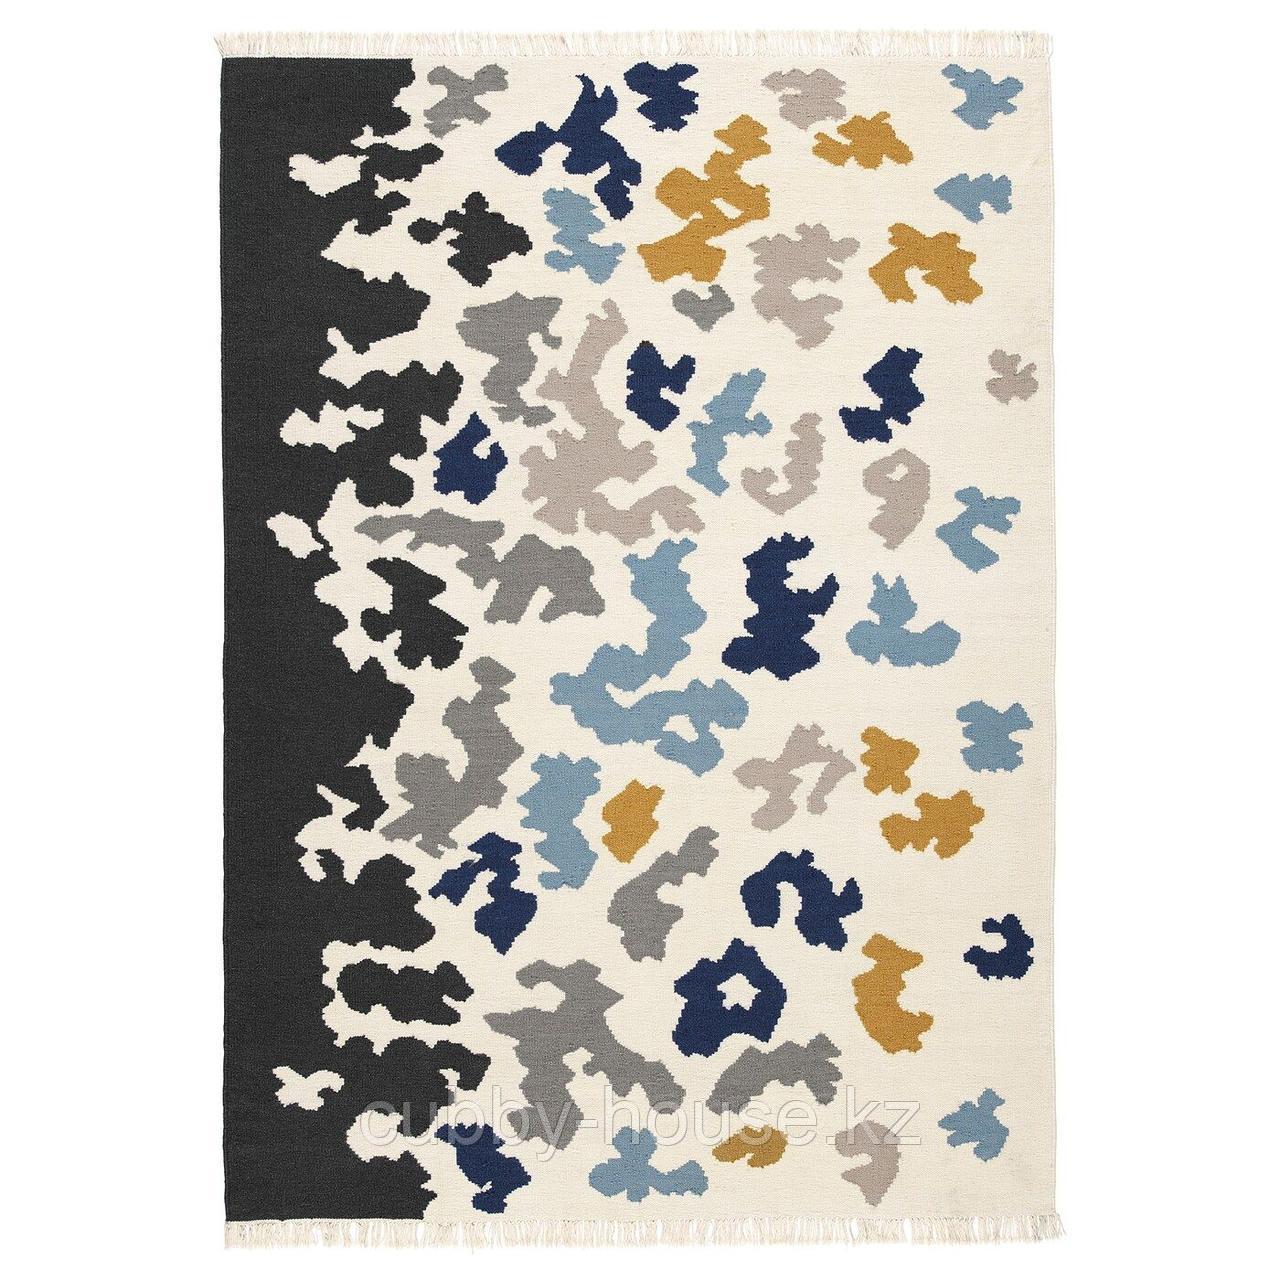 ВИДЕБЭК Ковер безворсовый, разноцветный ручная работа, разноцветный, 133x195 см